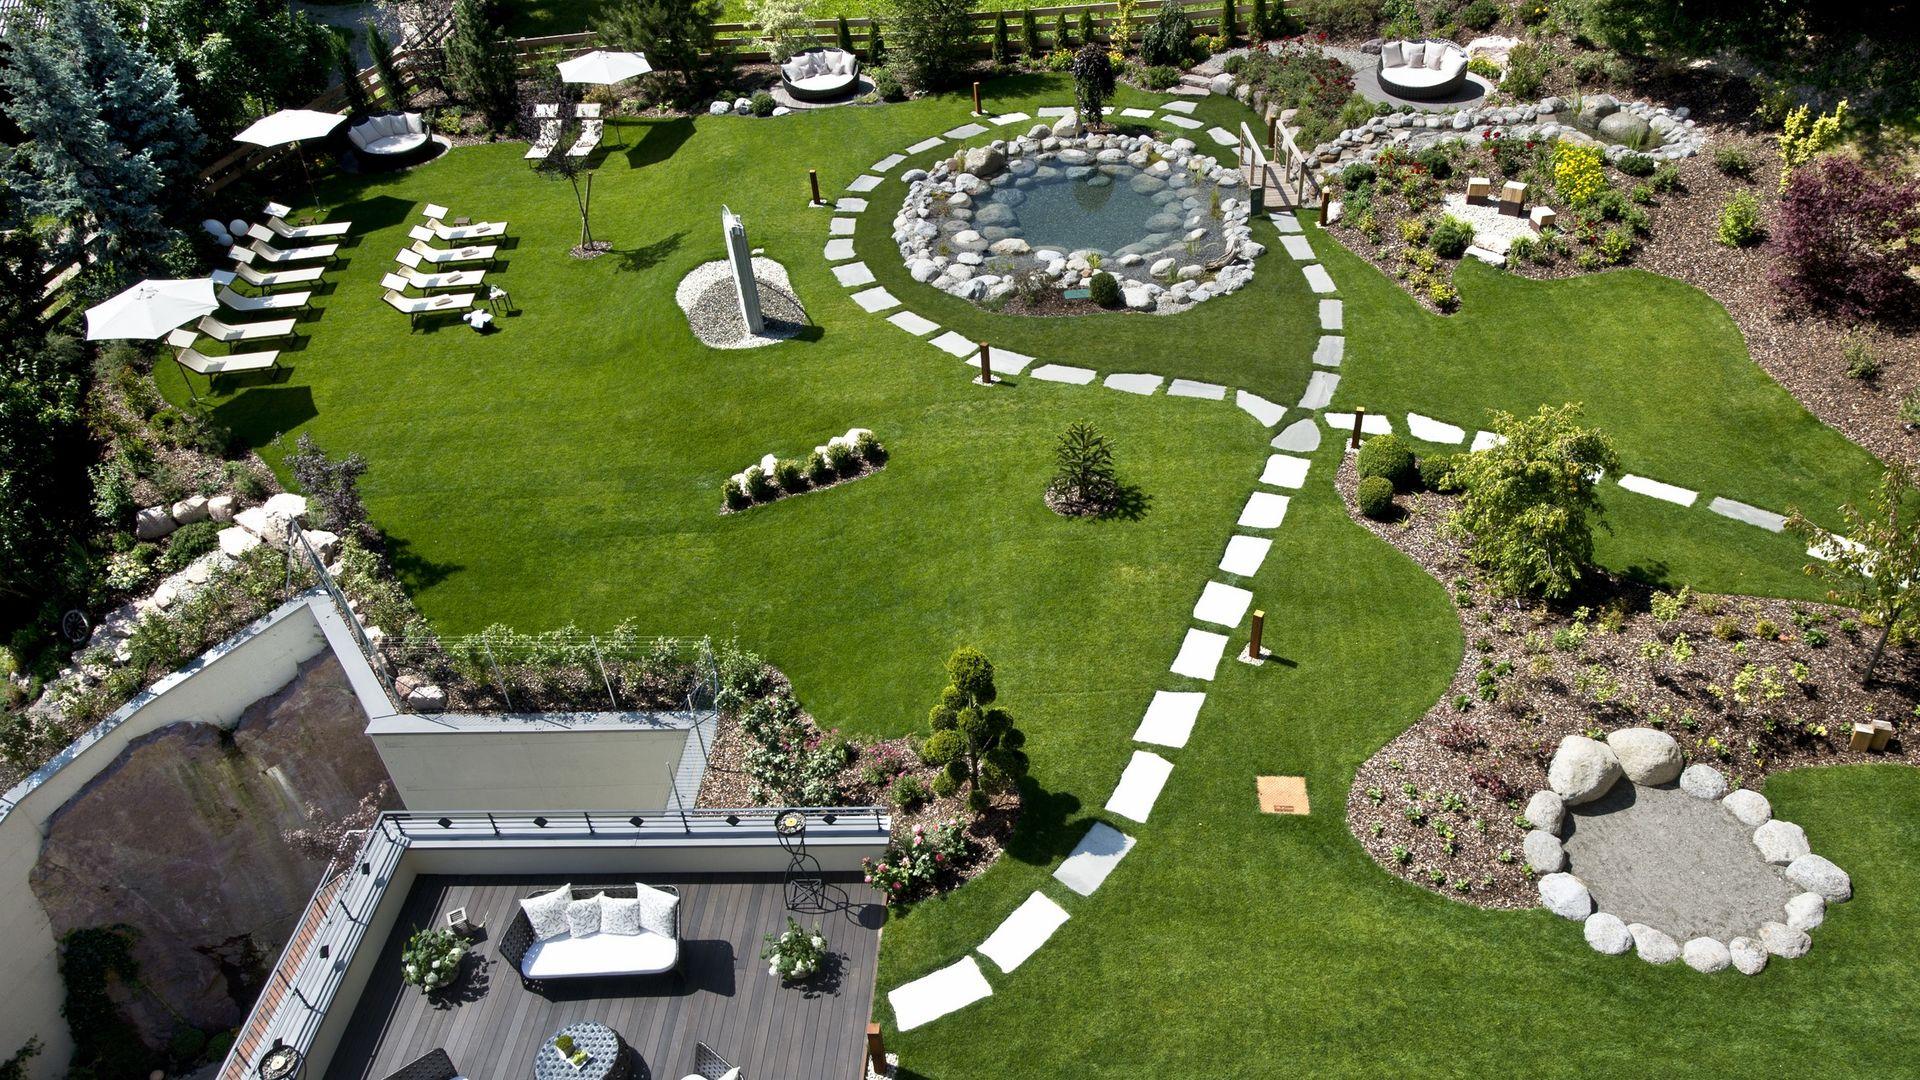 Hotel e giardino hotel mesnerwirt ad avelengo merano